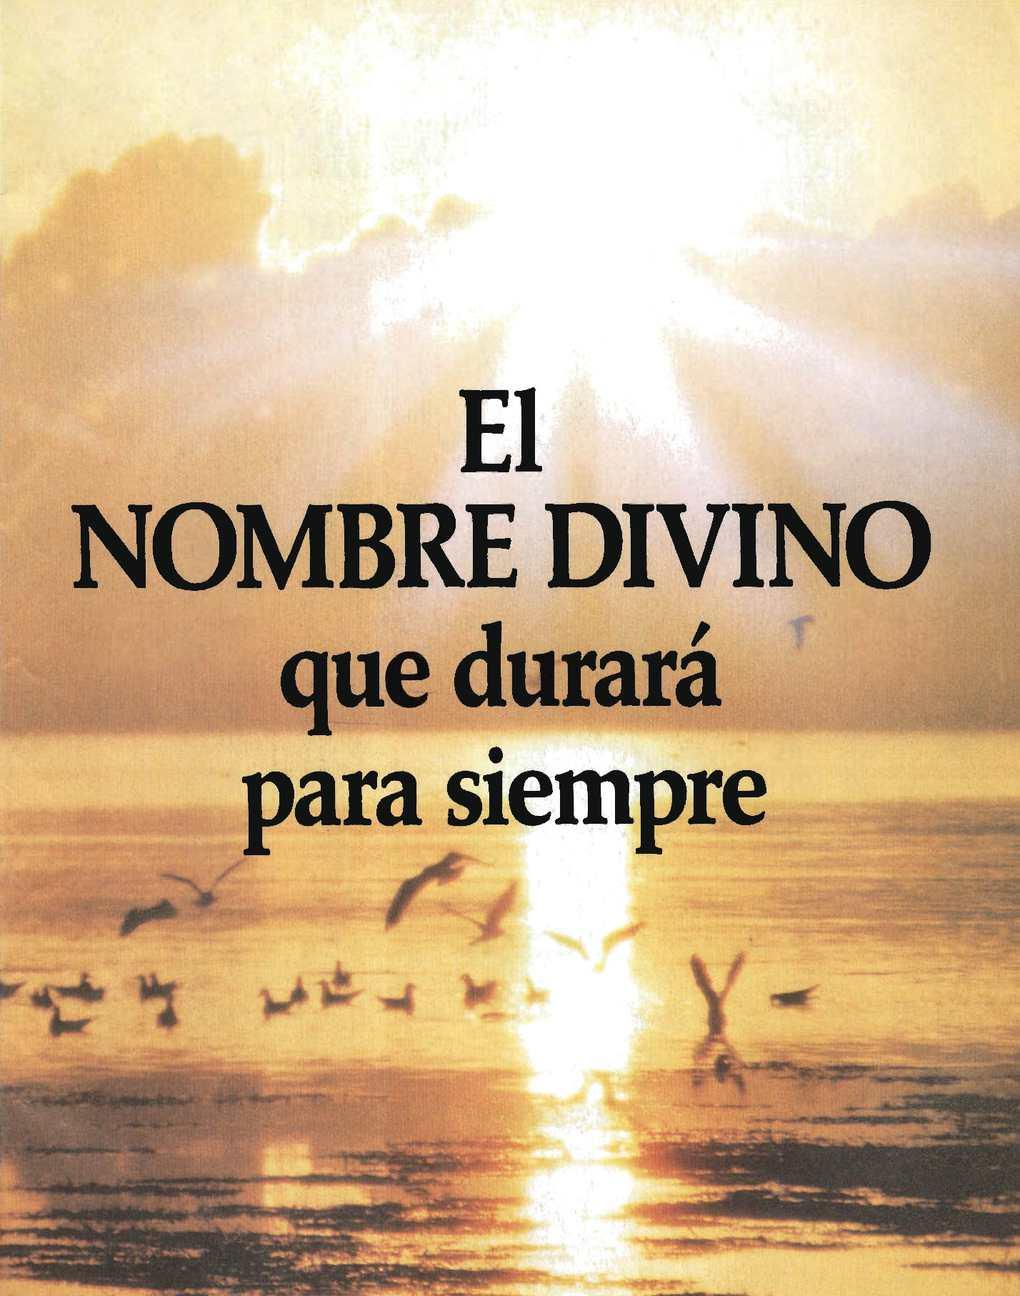 1984 (2006) - El nombre divino que durará para siempre